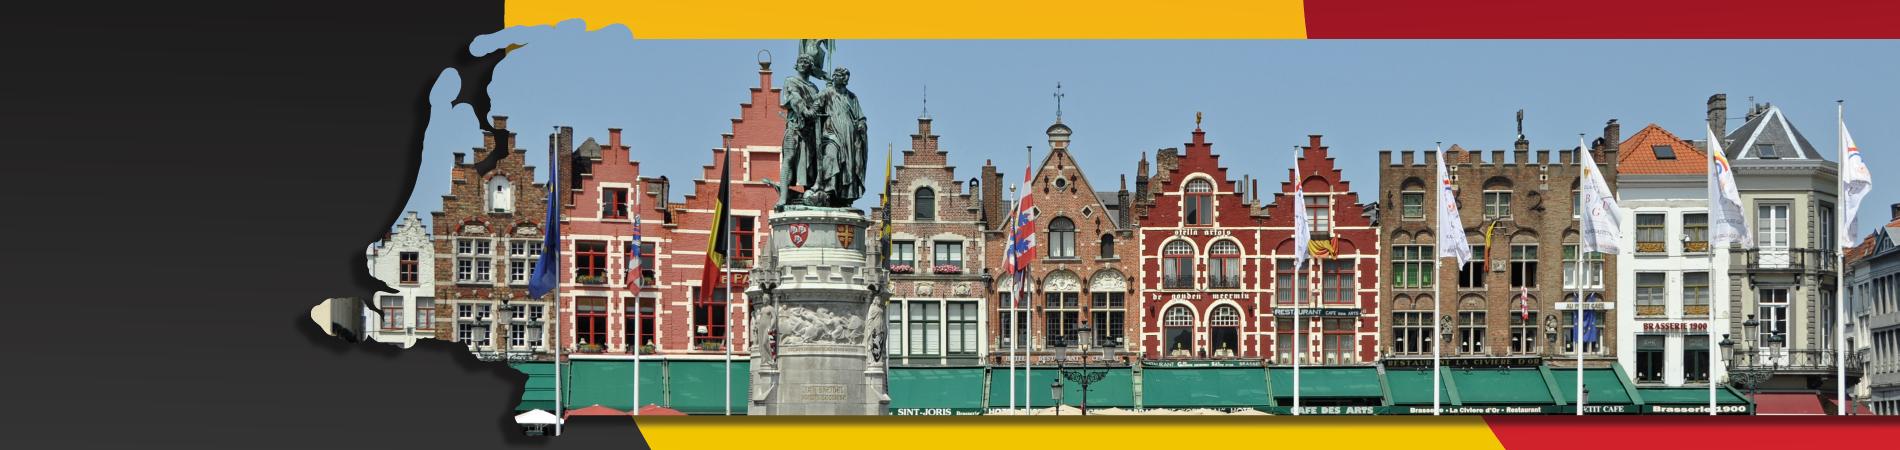 Market Square Brugge